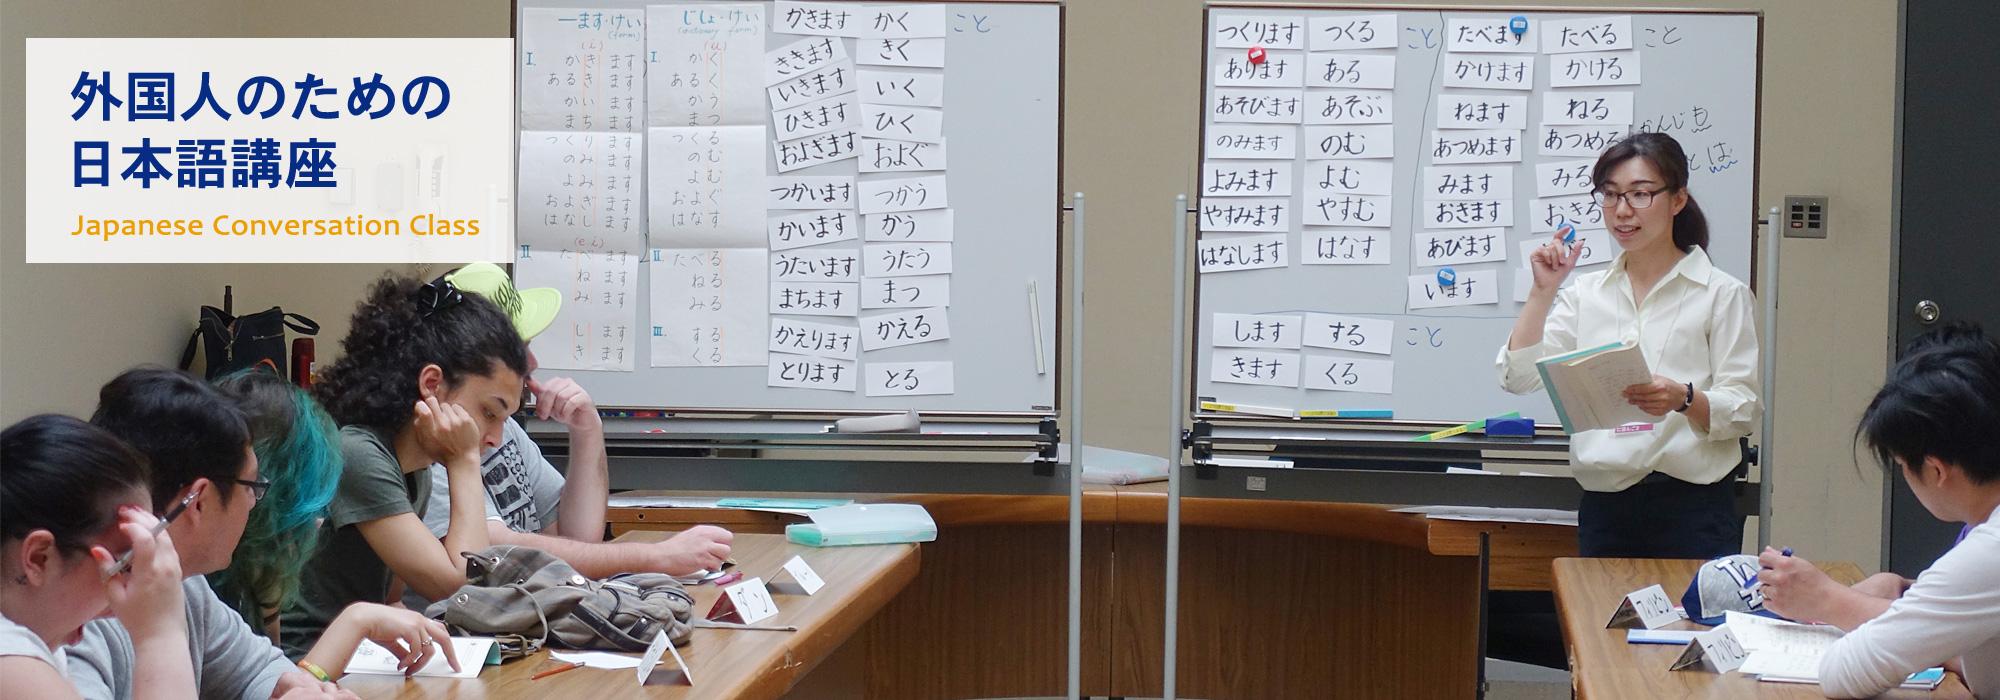 外国人のための日本語講座